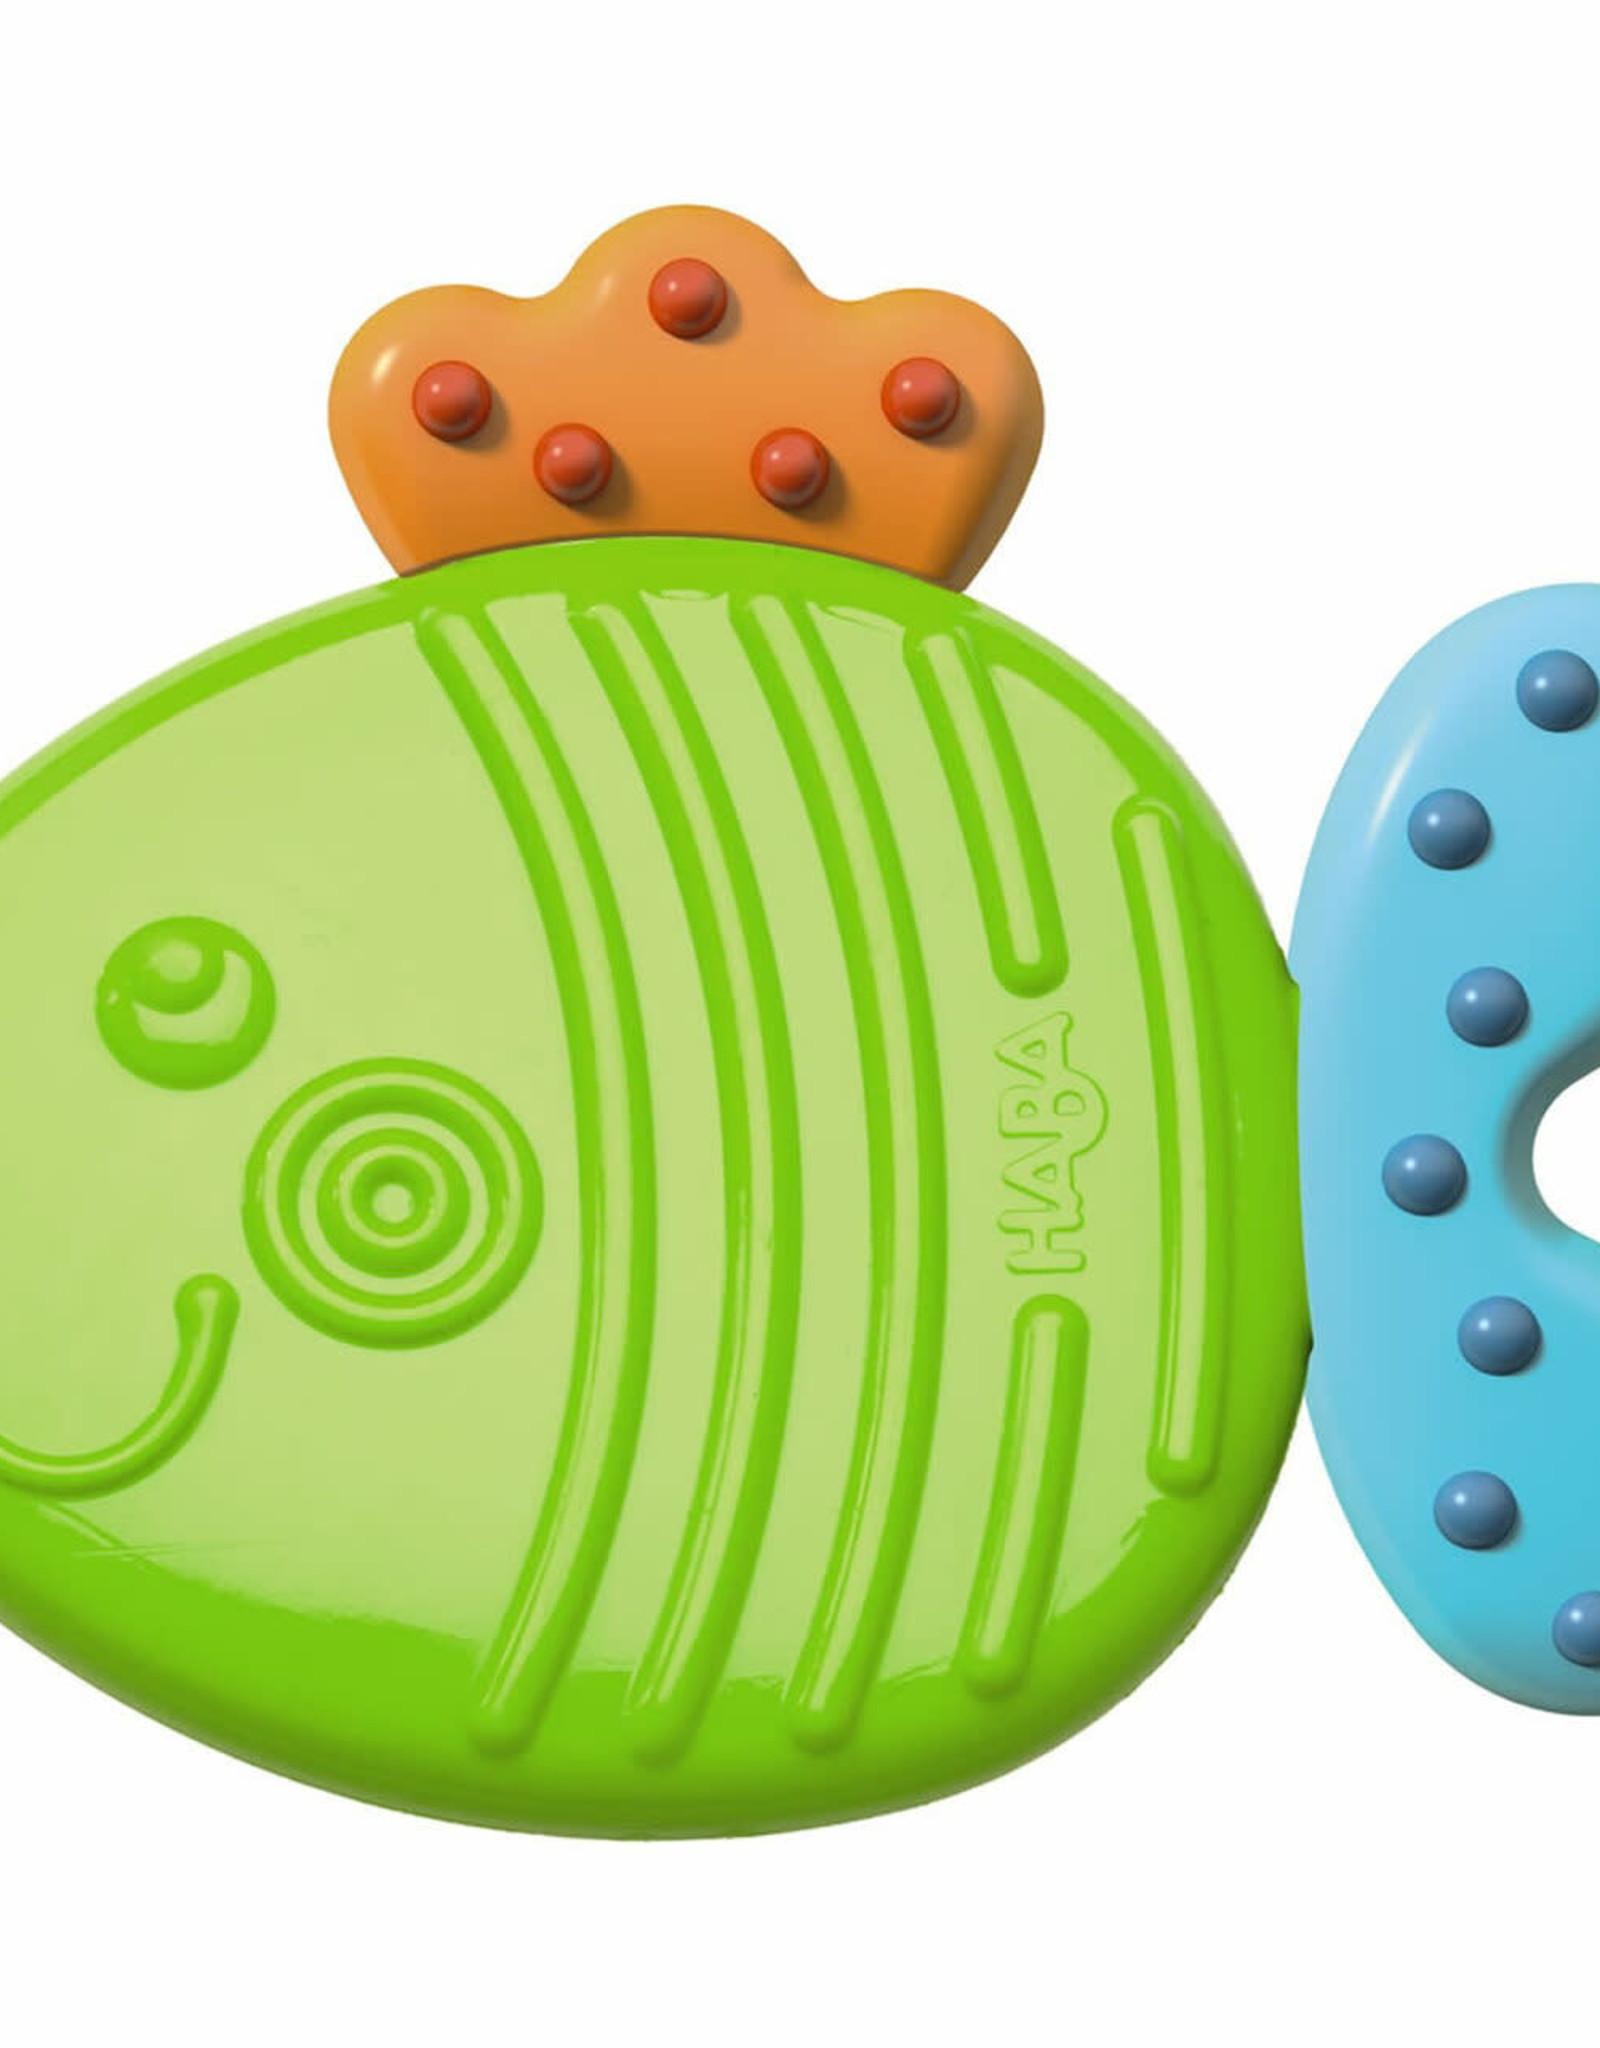 Haba Fish Clutch Toy